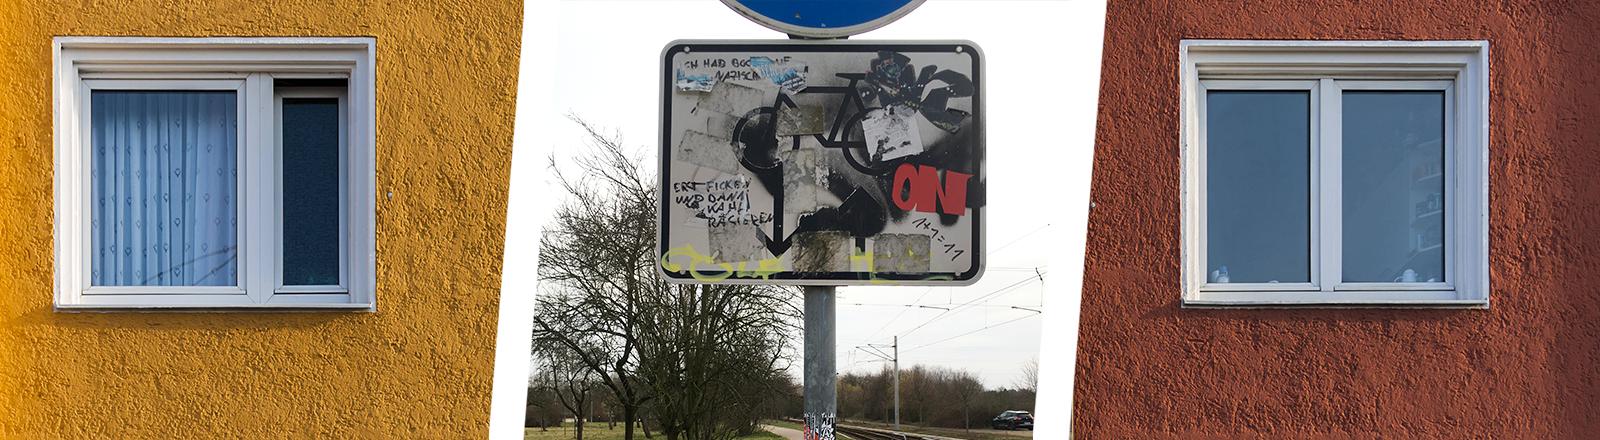 Collage: Häuserwand und beschmierte Straßenschilder